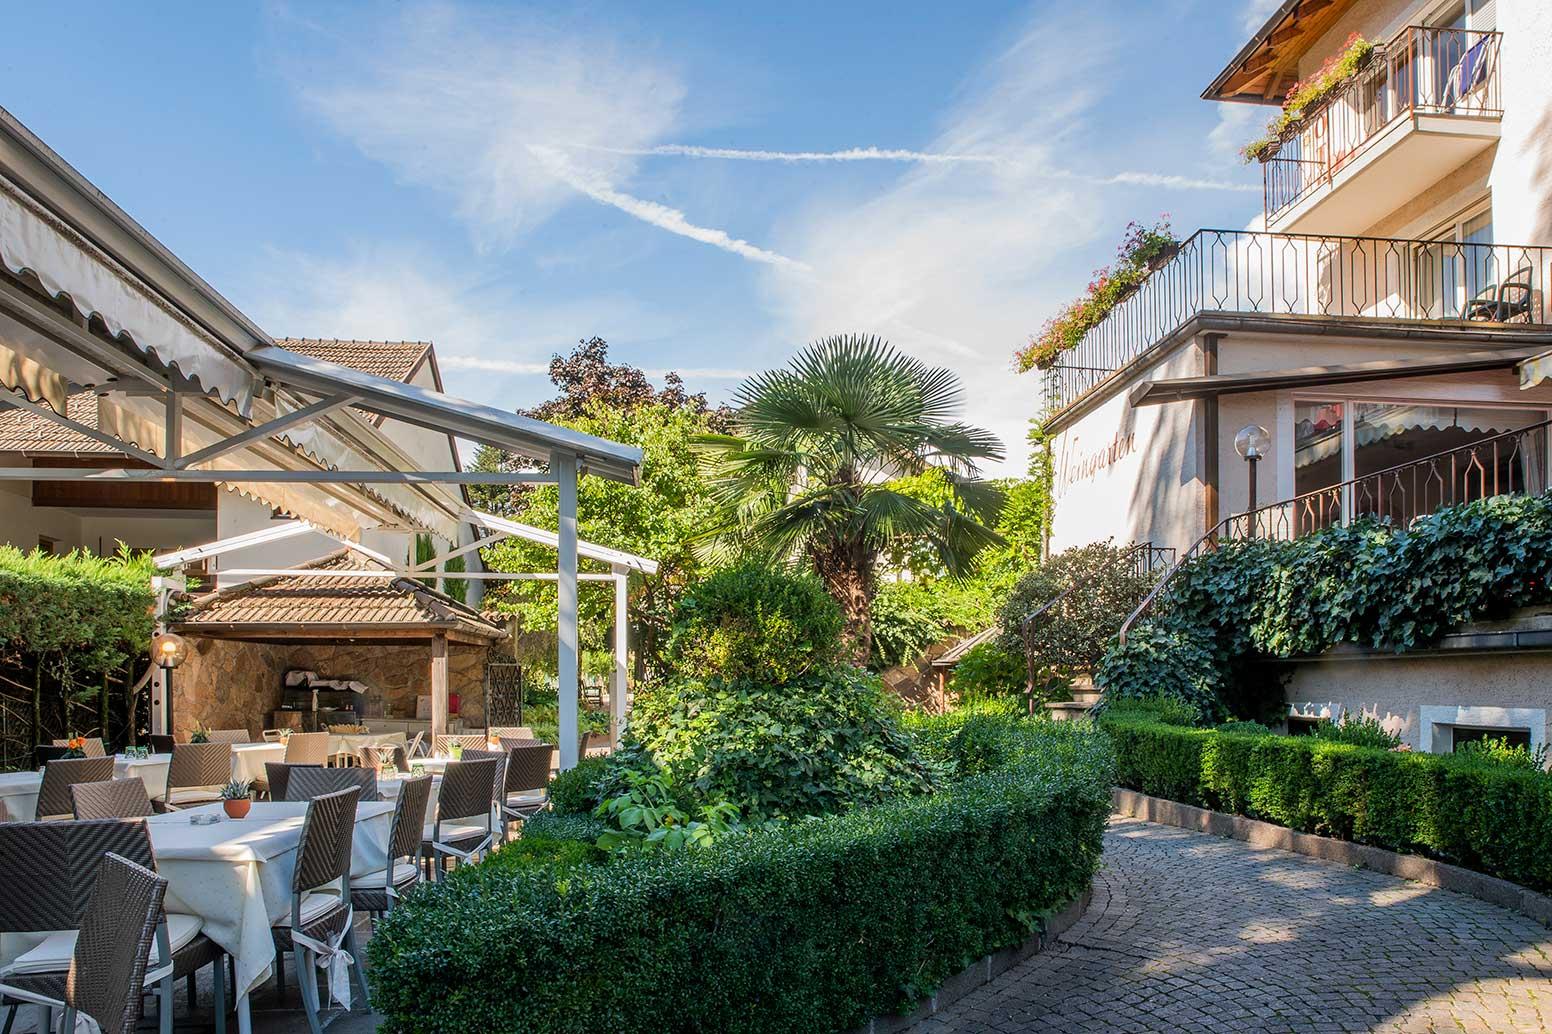 hotel-Weingarten-restaurant-3